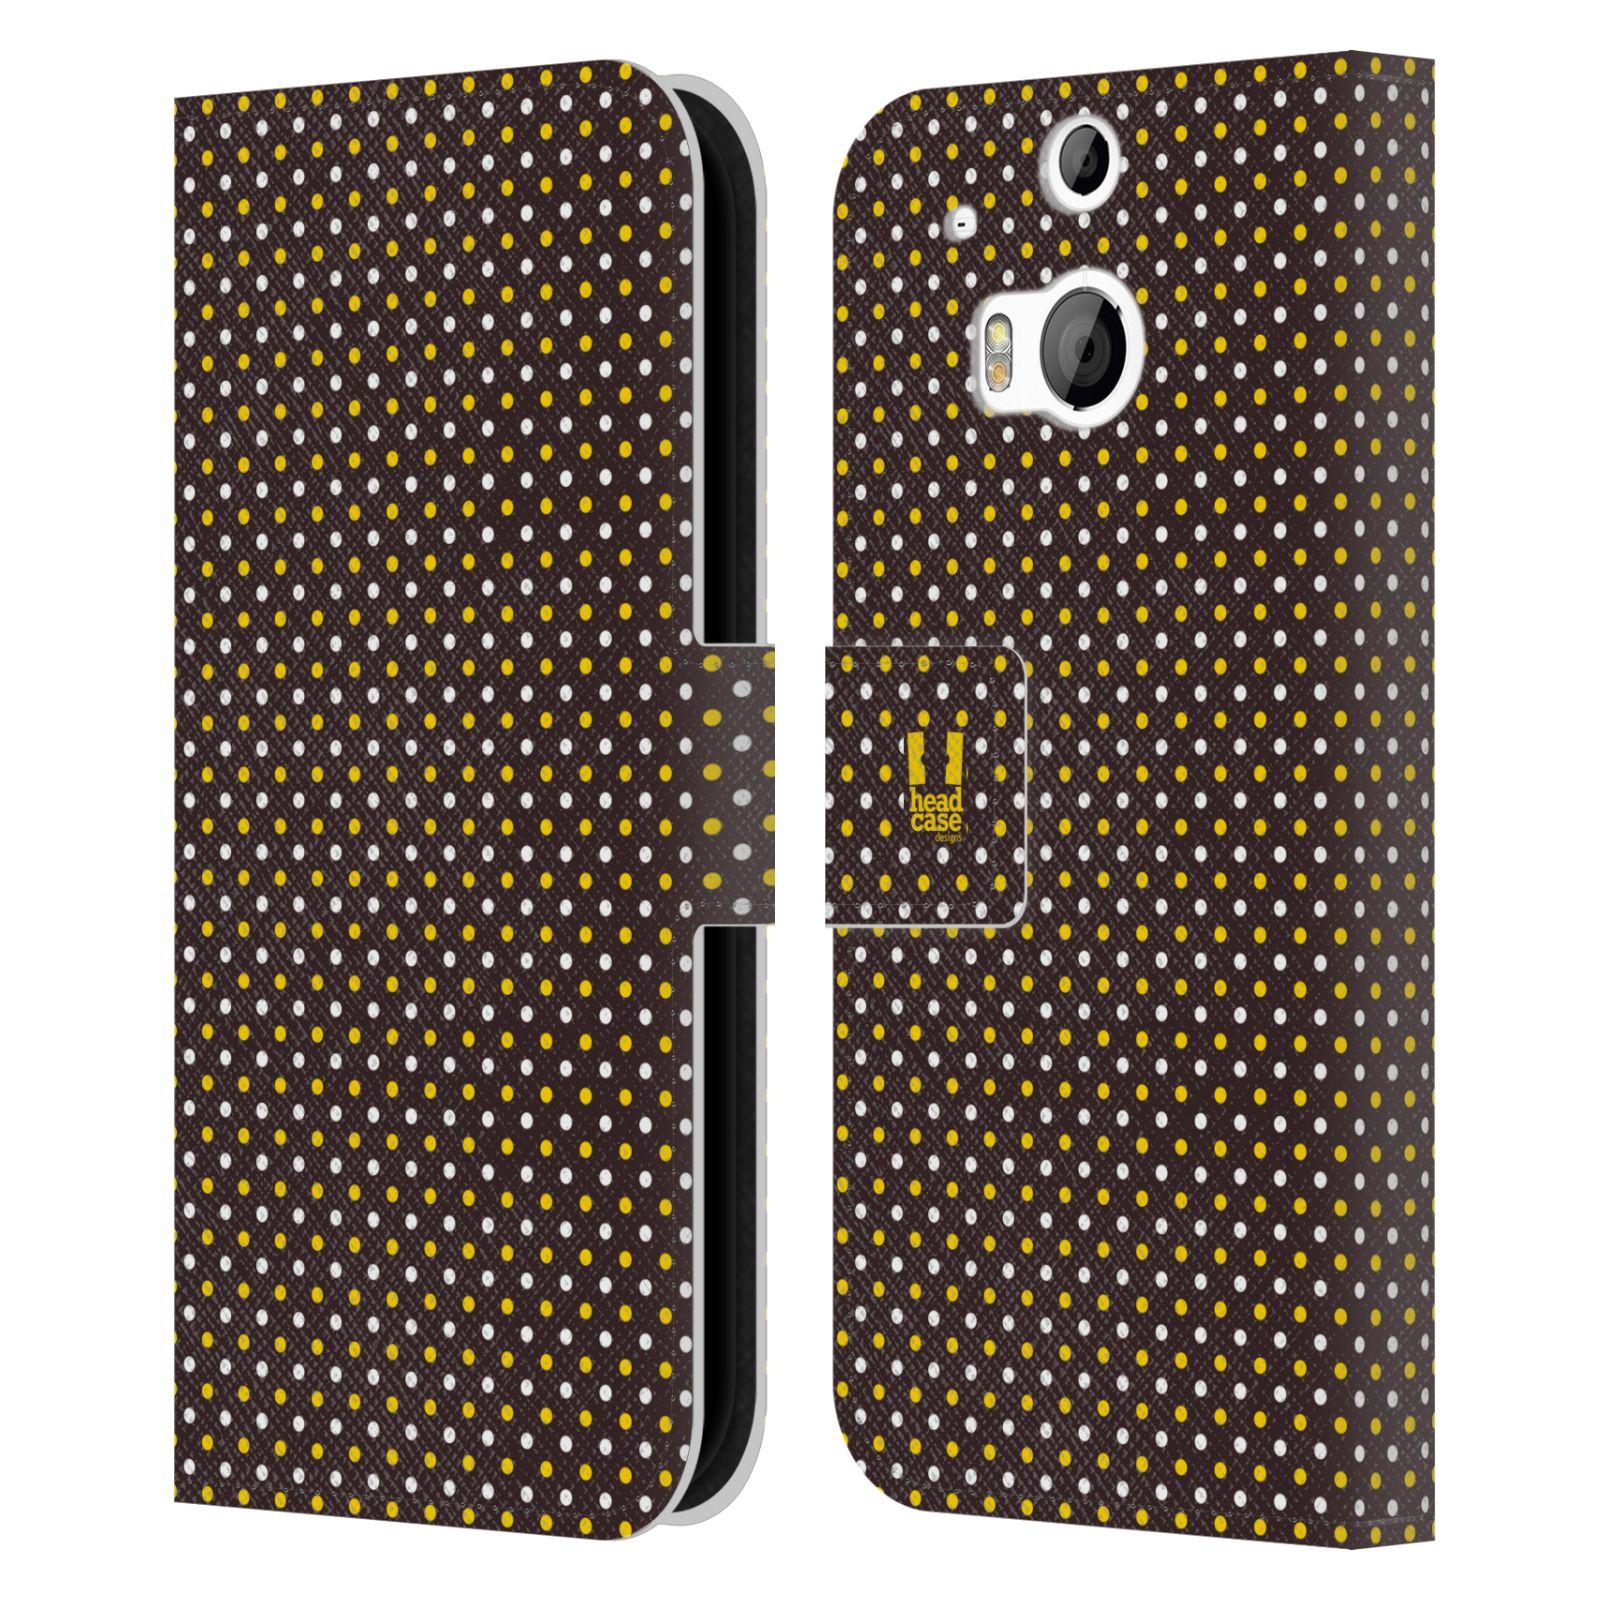 HEAD CASE Flipové pouzdro pro mobil HTC ONE (M8, M8s) VČELÍ VZOR puntíky hnědá a žlutá